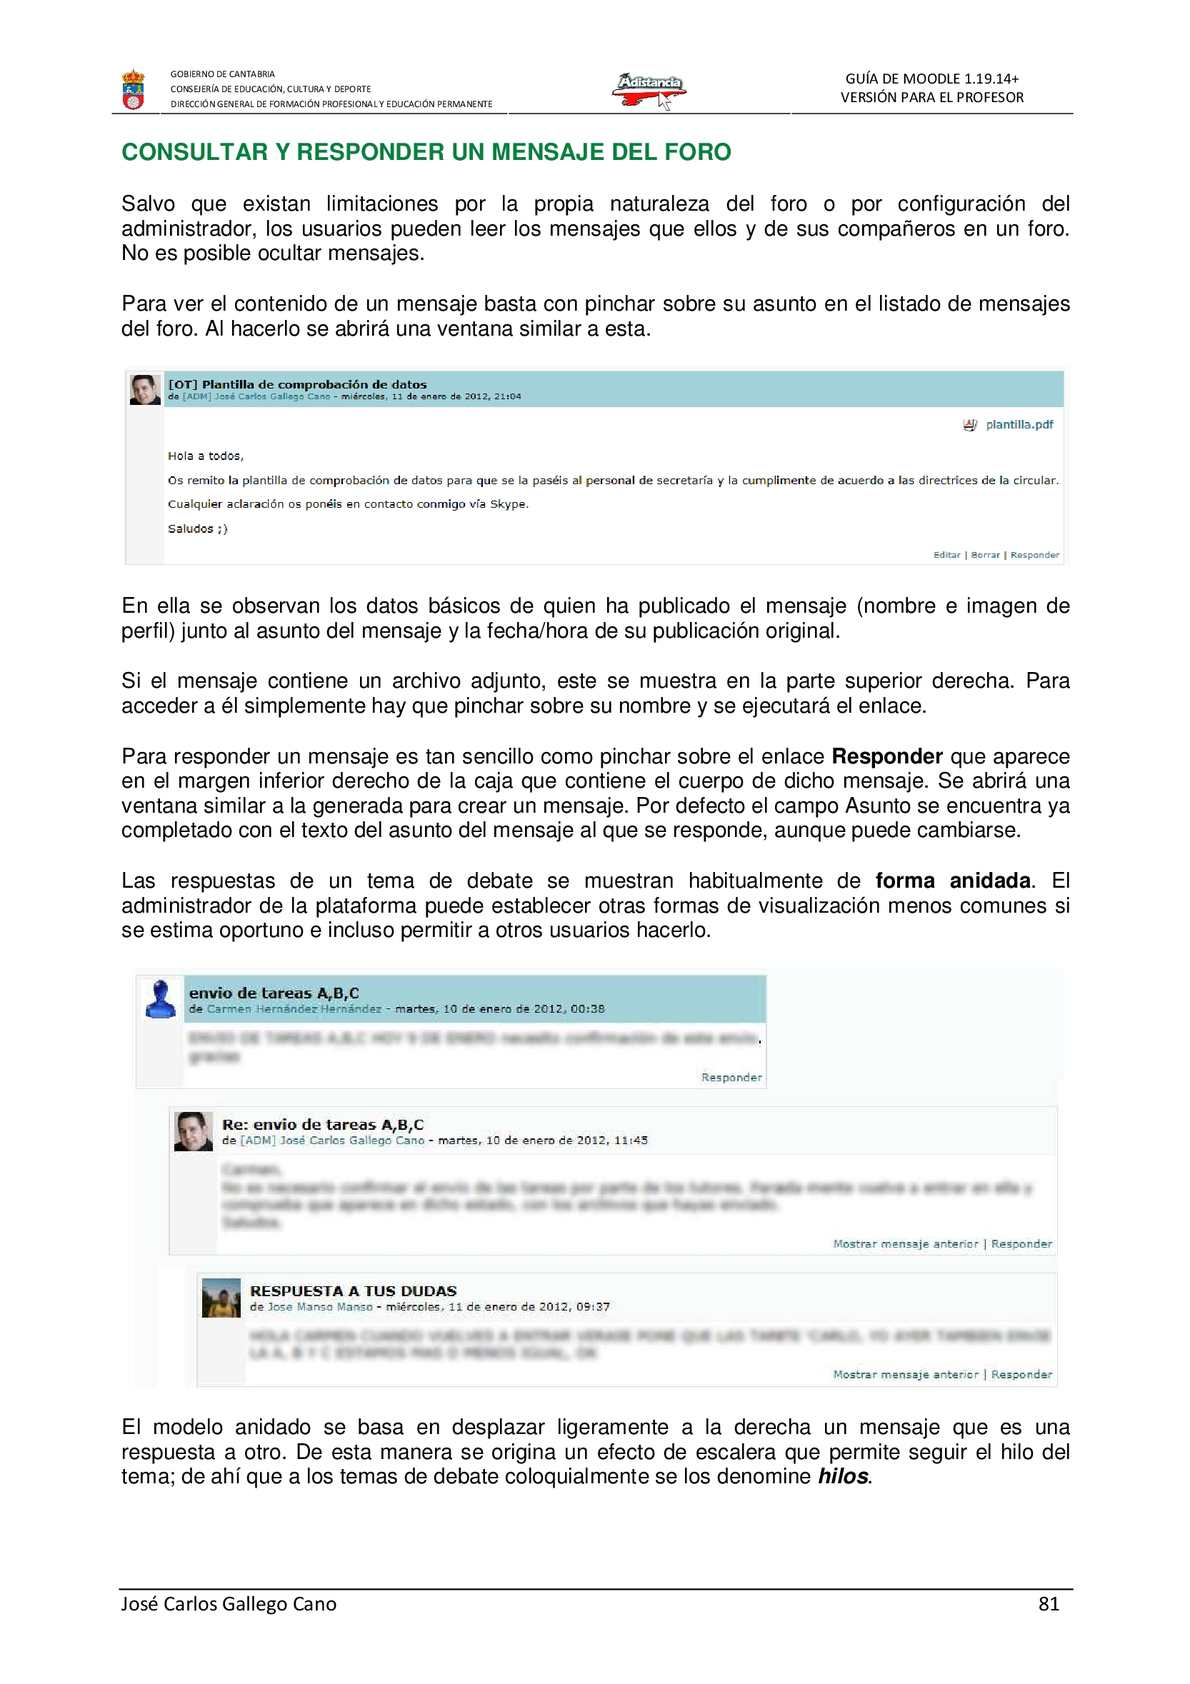 Encantador Plantilla De Escalera De Word Bosquejo - Ejemplo De ...